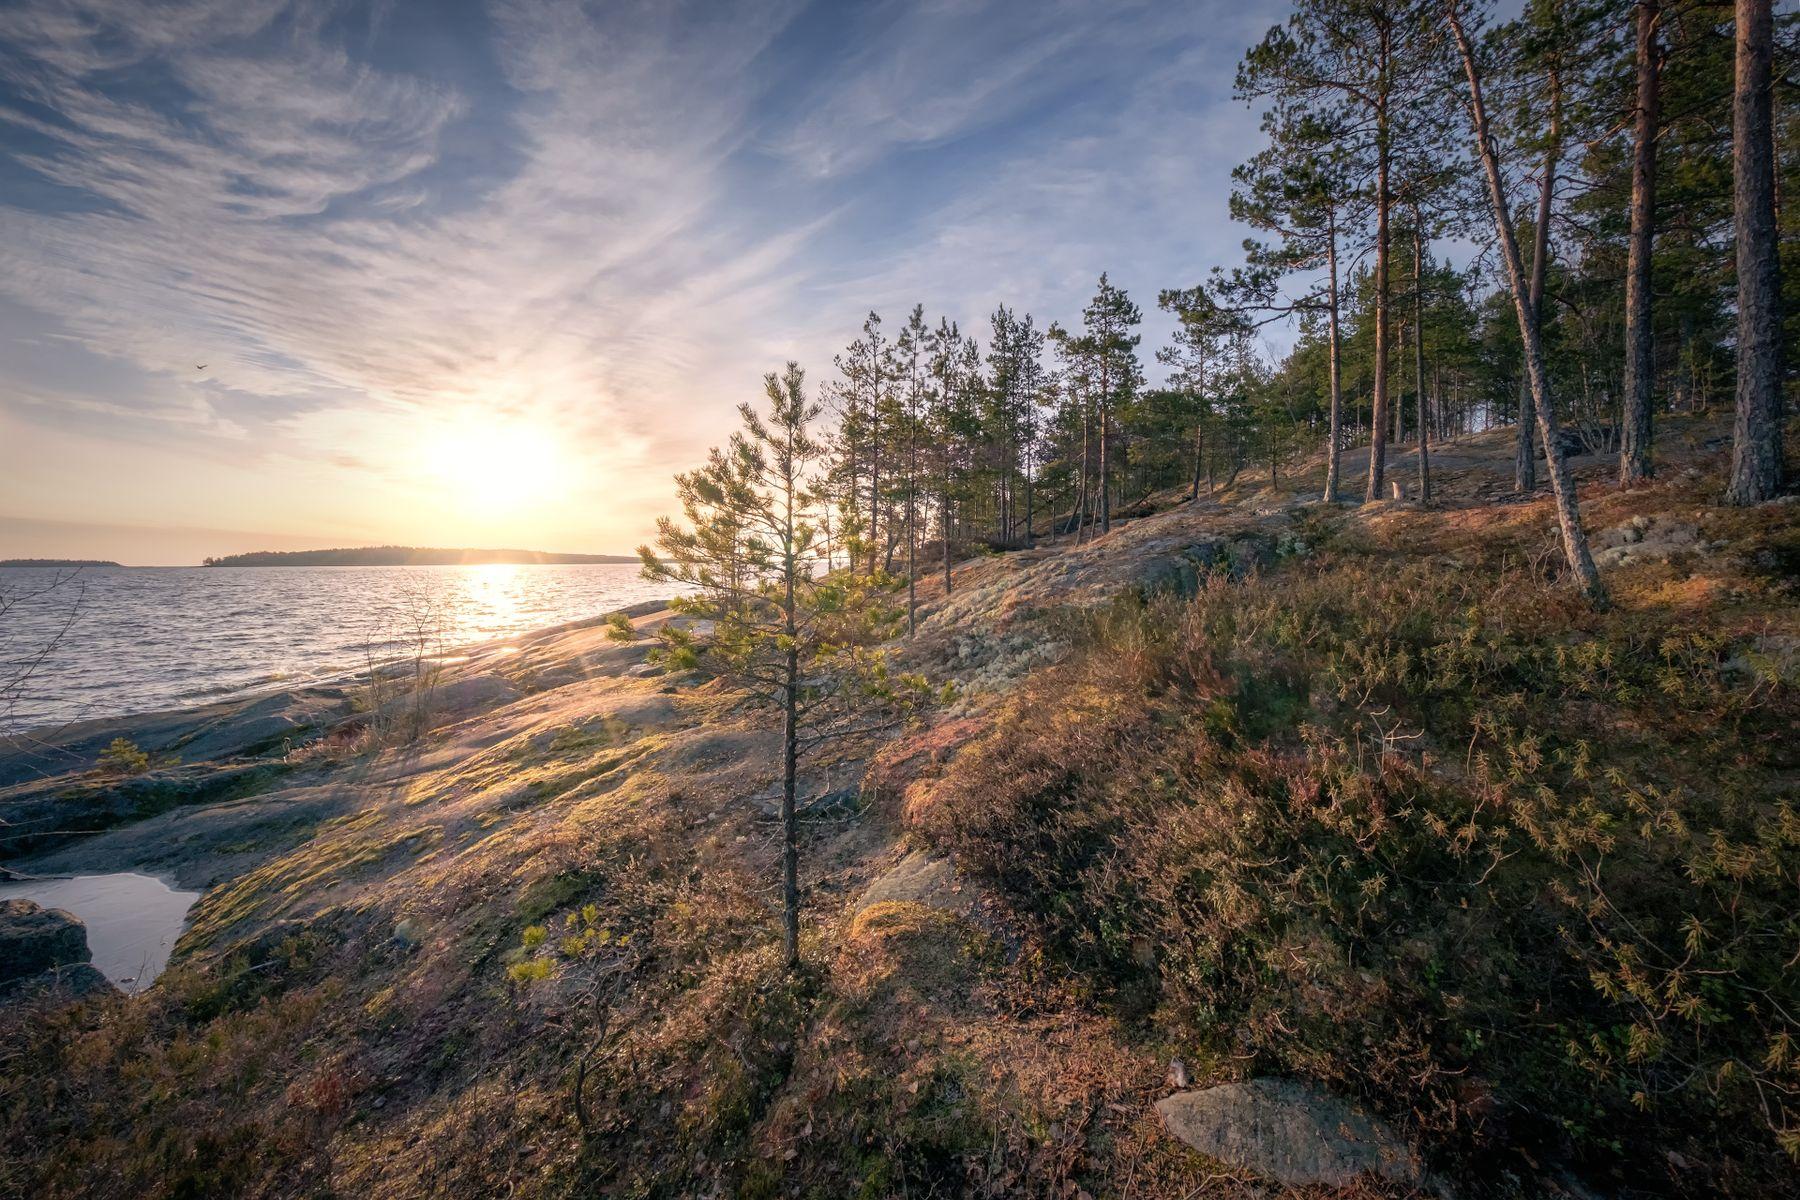 Ладожский берег ладога скалы рассвет солнце лужа лед деревья облака пейзаж природа